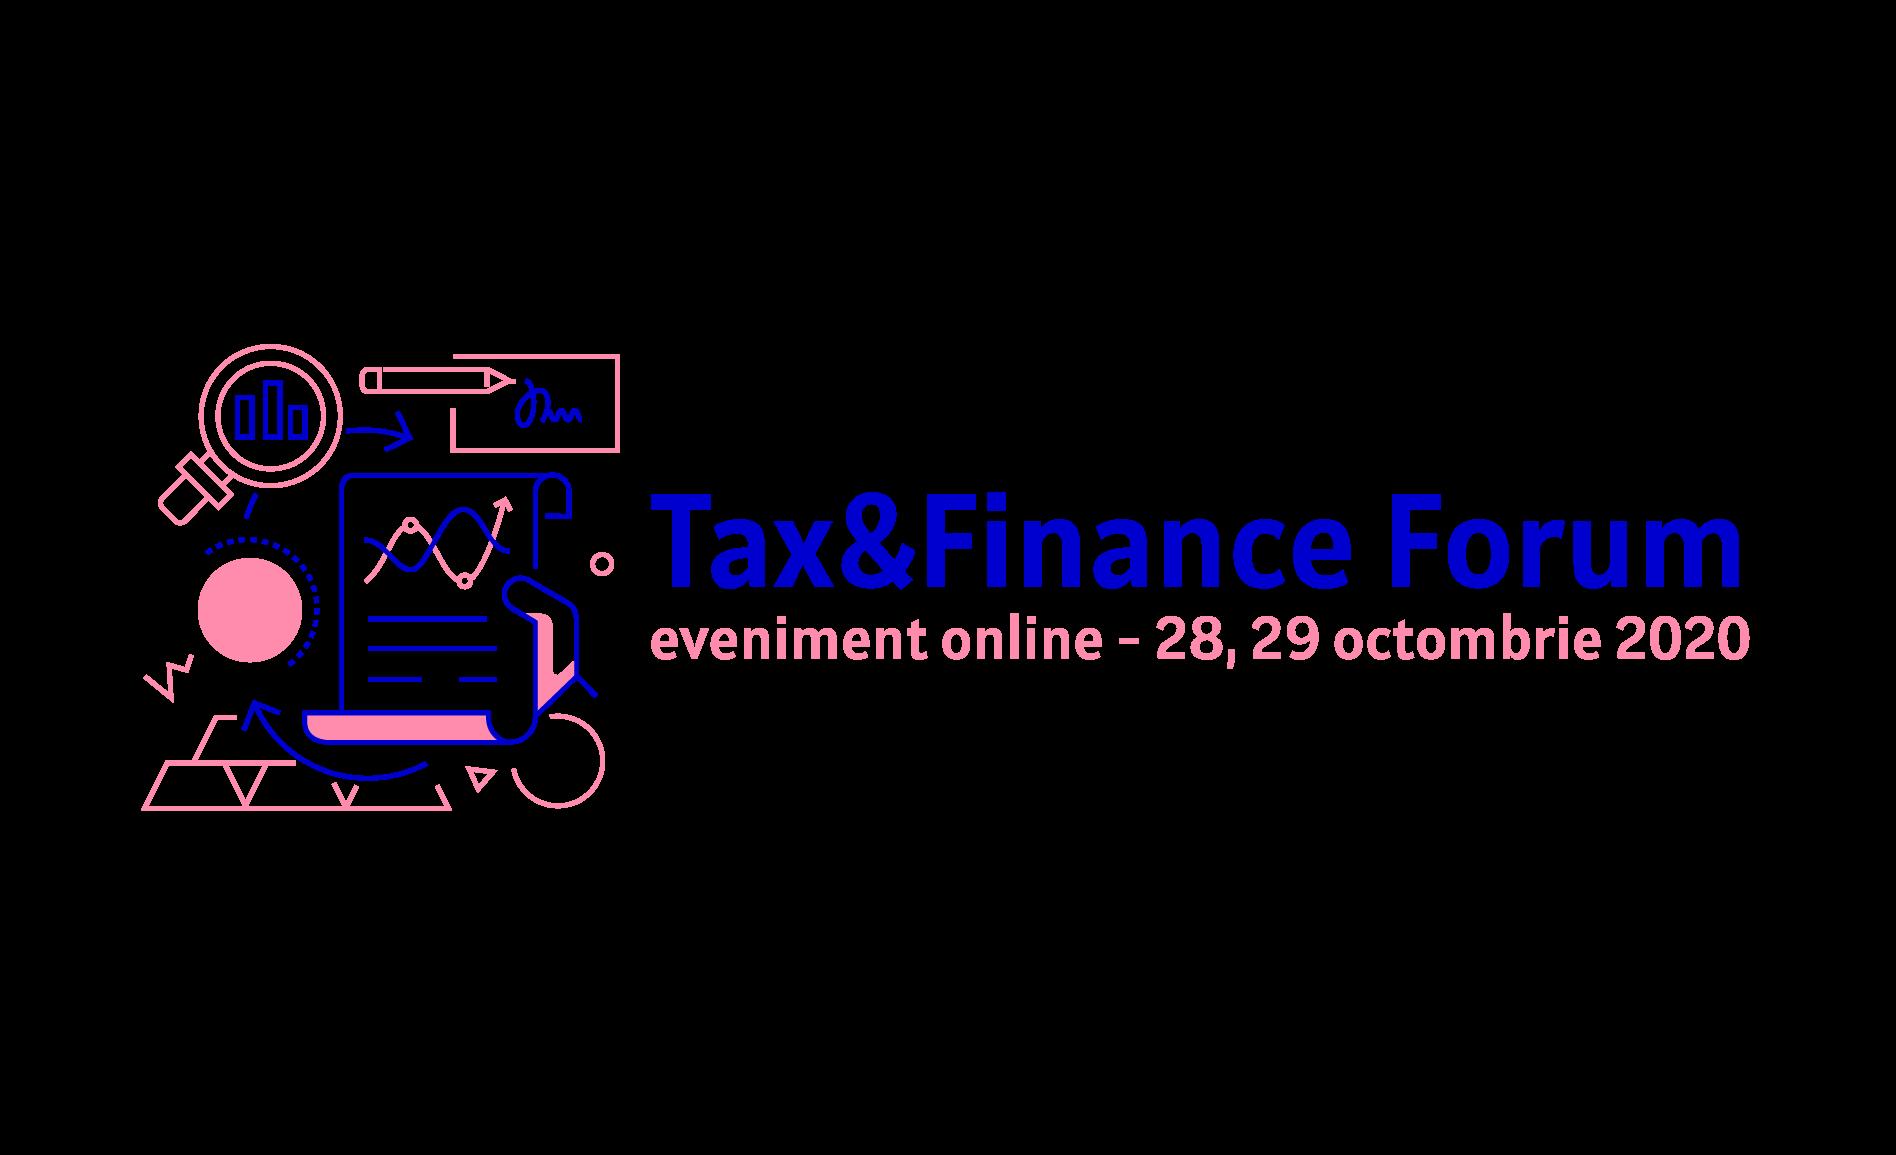 Noutăți legislative și fiscale @ Tax & Finance Forum Online – 28, 29 octombrie 2020